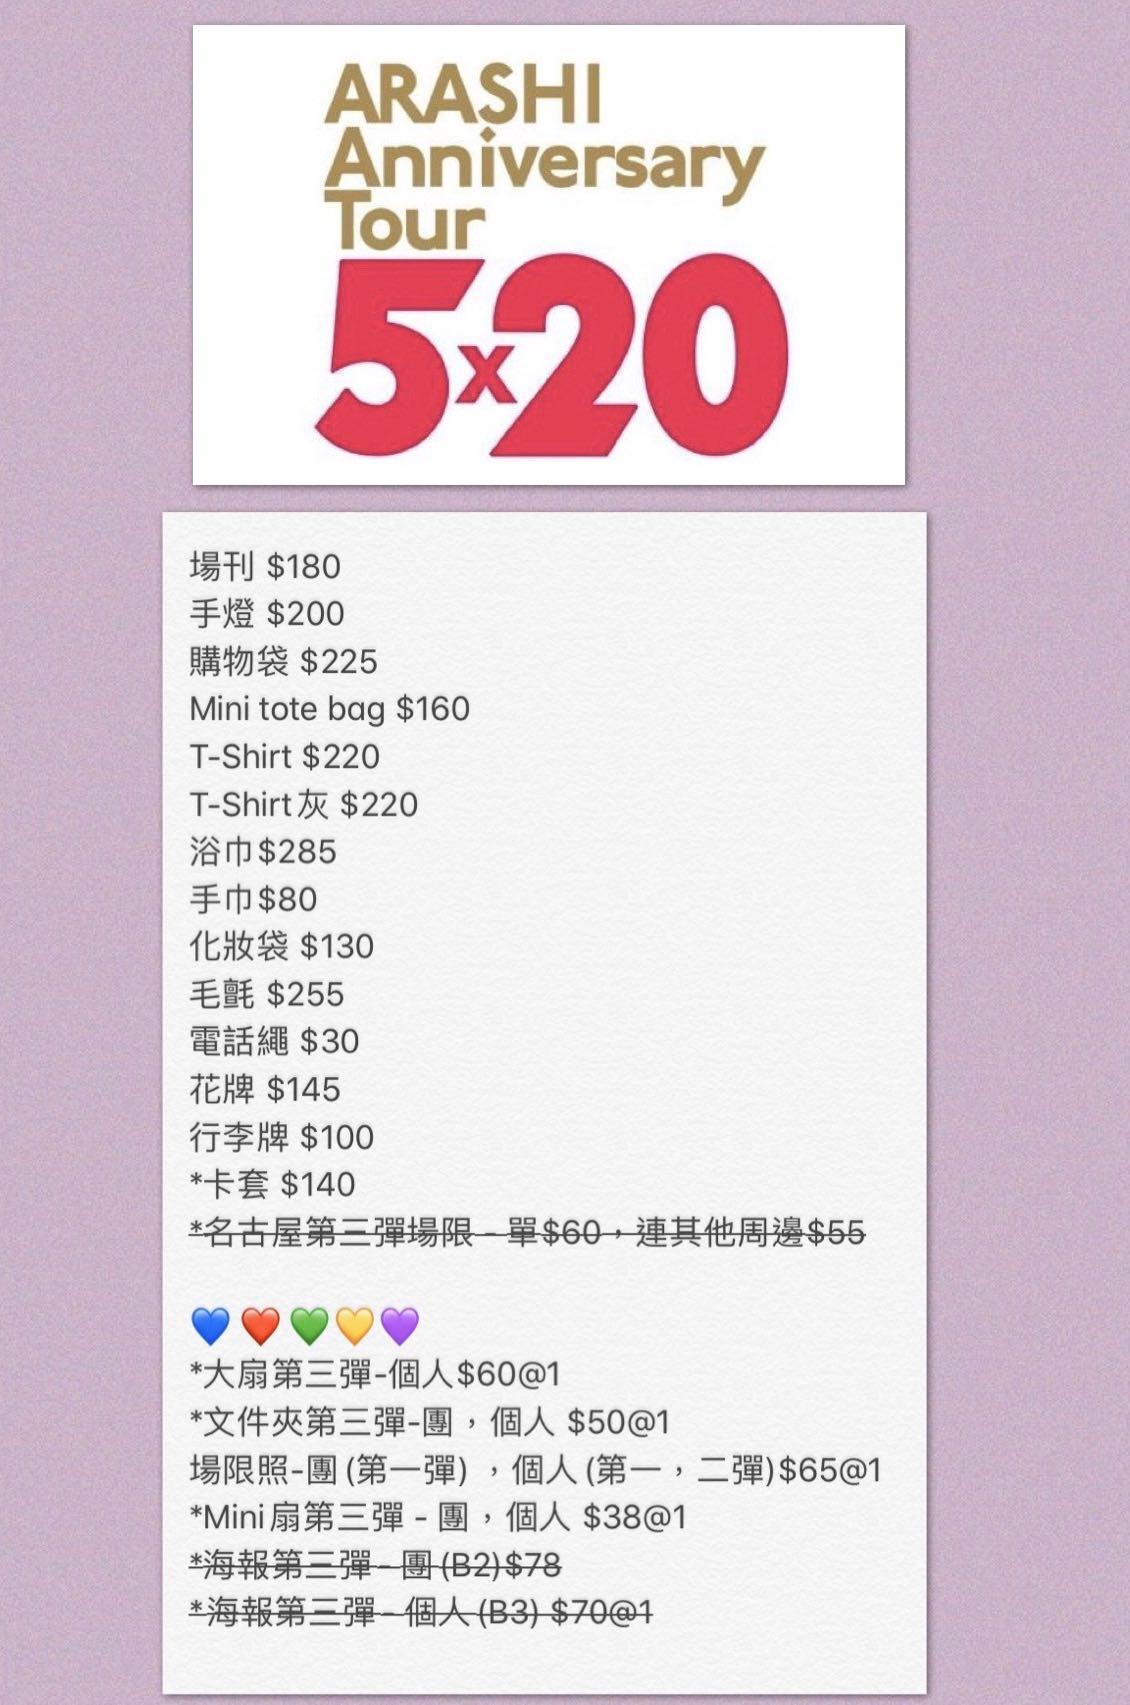 代購嵐arashi 5x20週邊 (12月名古屋)